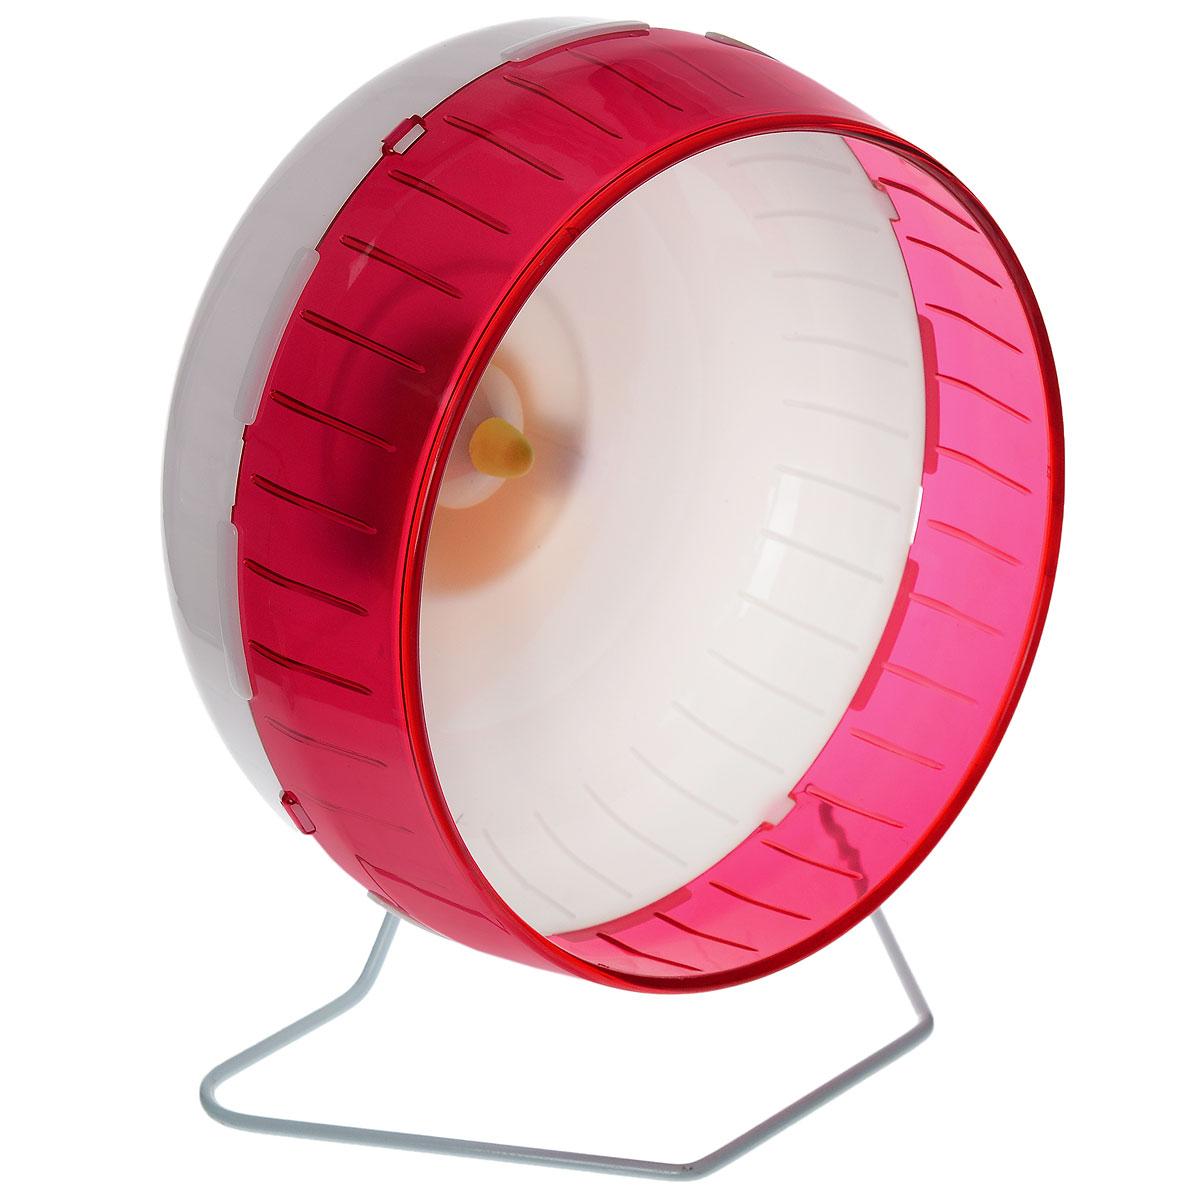 Колесо для грызунов I.P.T.S., цвет: белый, малиновый, 29 см285154_малиновыйКолесо для грызунов I.P.T.S. удобно и бесшумно, с высоким уровнем безопасности. Поместив его в клетку, вы обеспечите своему питомцу необходимую физическую активность. Сплошная внутренняя поверхность без щелей убережет питомца от возможных травм. Можно установить на подставку или прикрепить к решетке. Колесо можно использовать для сирийских хомяков, дегу, крыс или молодых шиншилл. Диаметр колеса: 29 см.